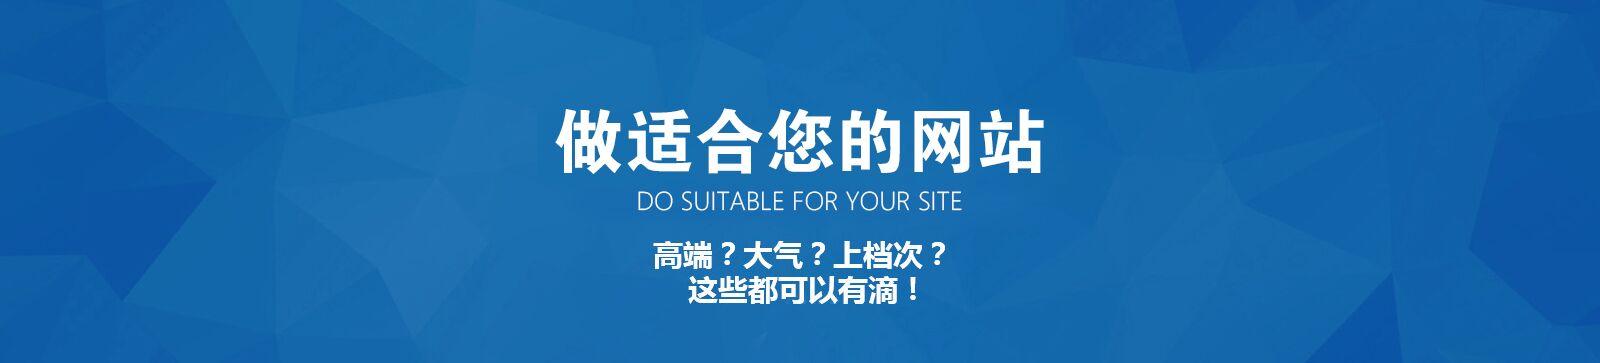 石家庄做网站